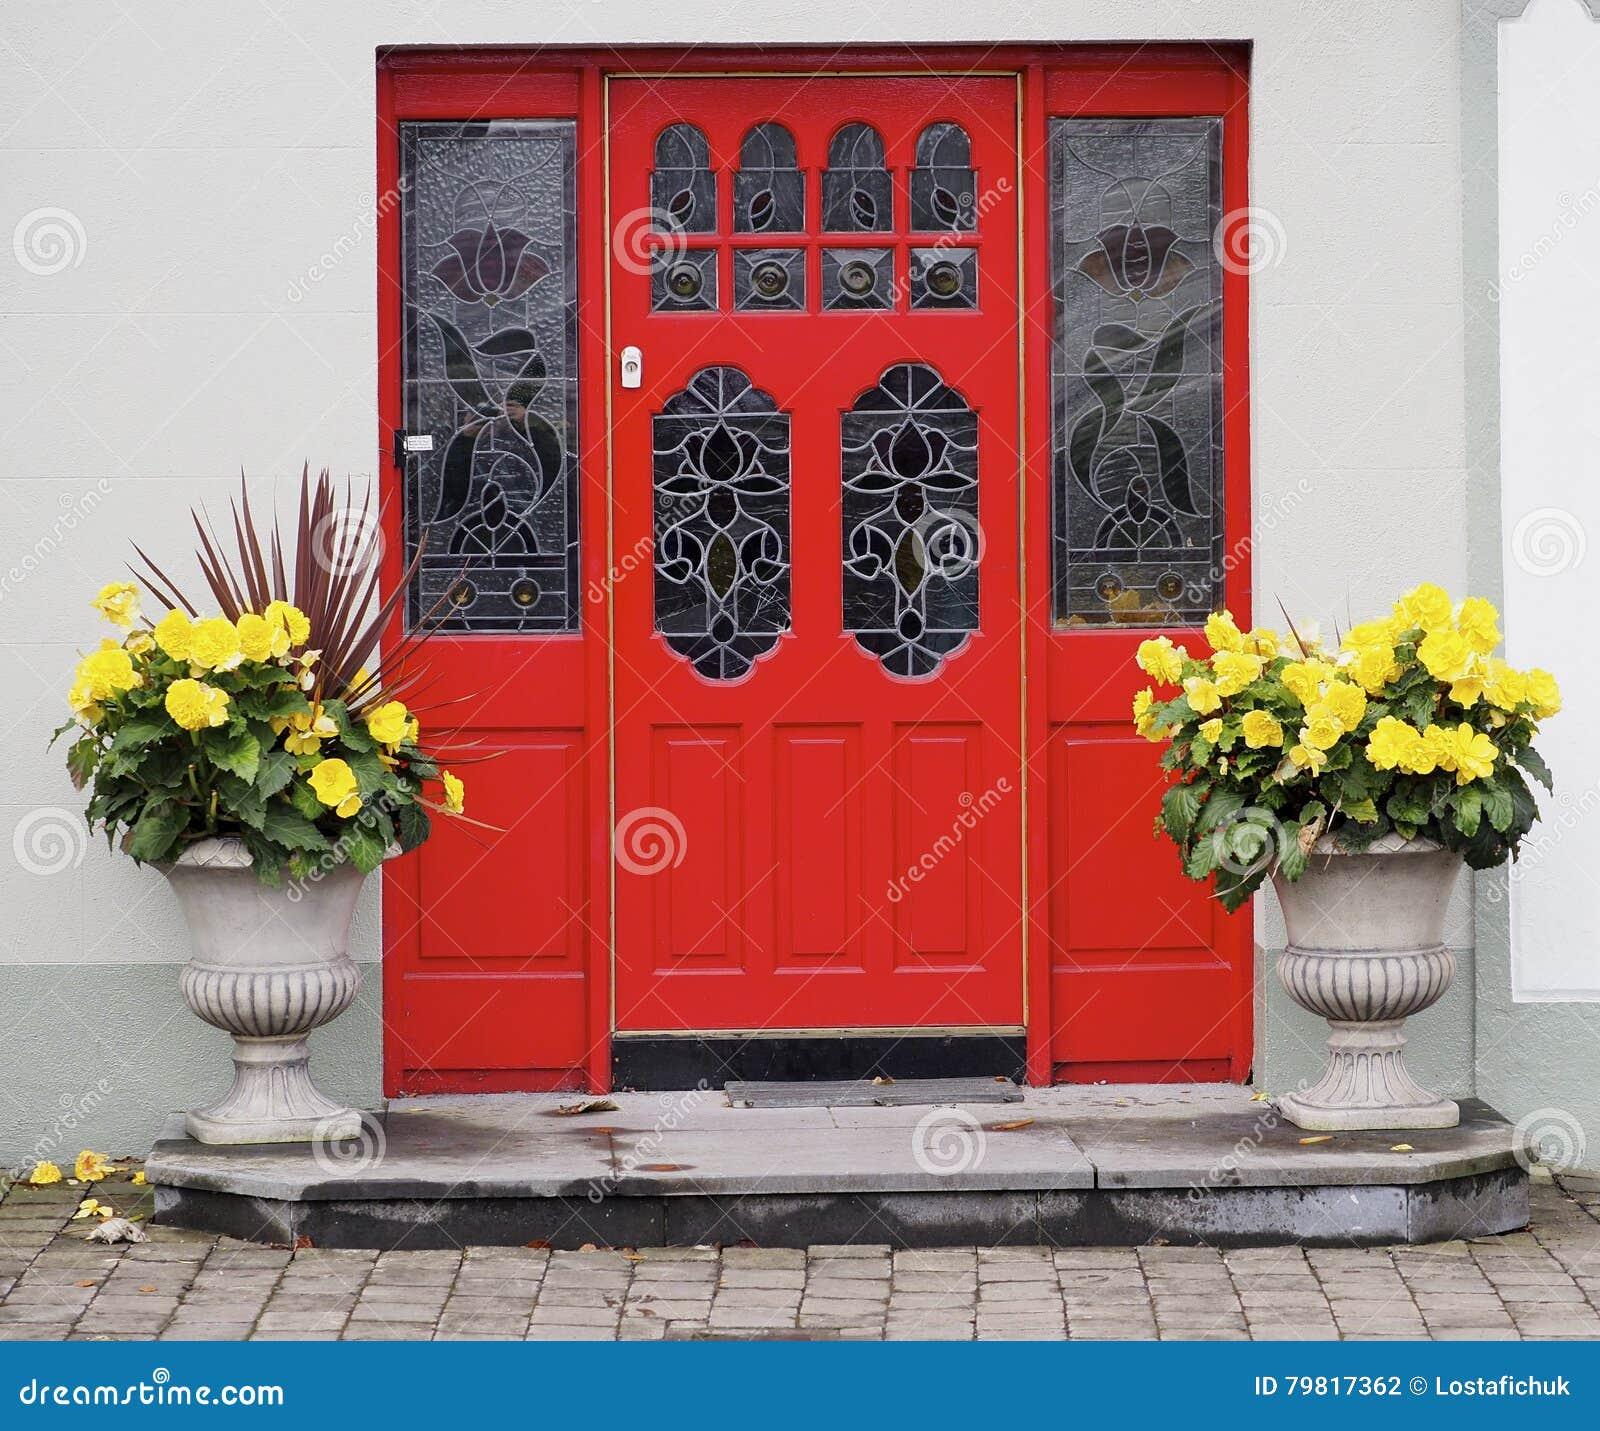 Fiori Gialli Irlanda.Porta Rossa E Fiori Gialli In Irlanda Fotografia Stock Immagine